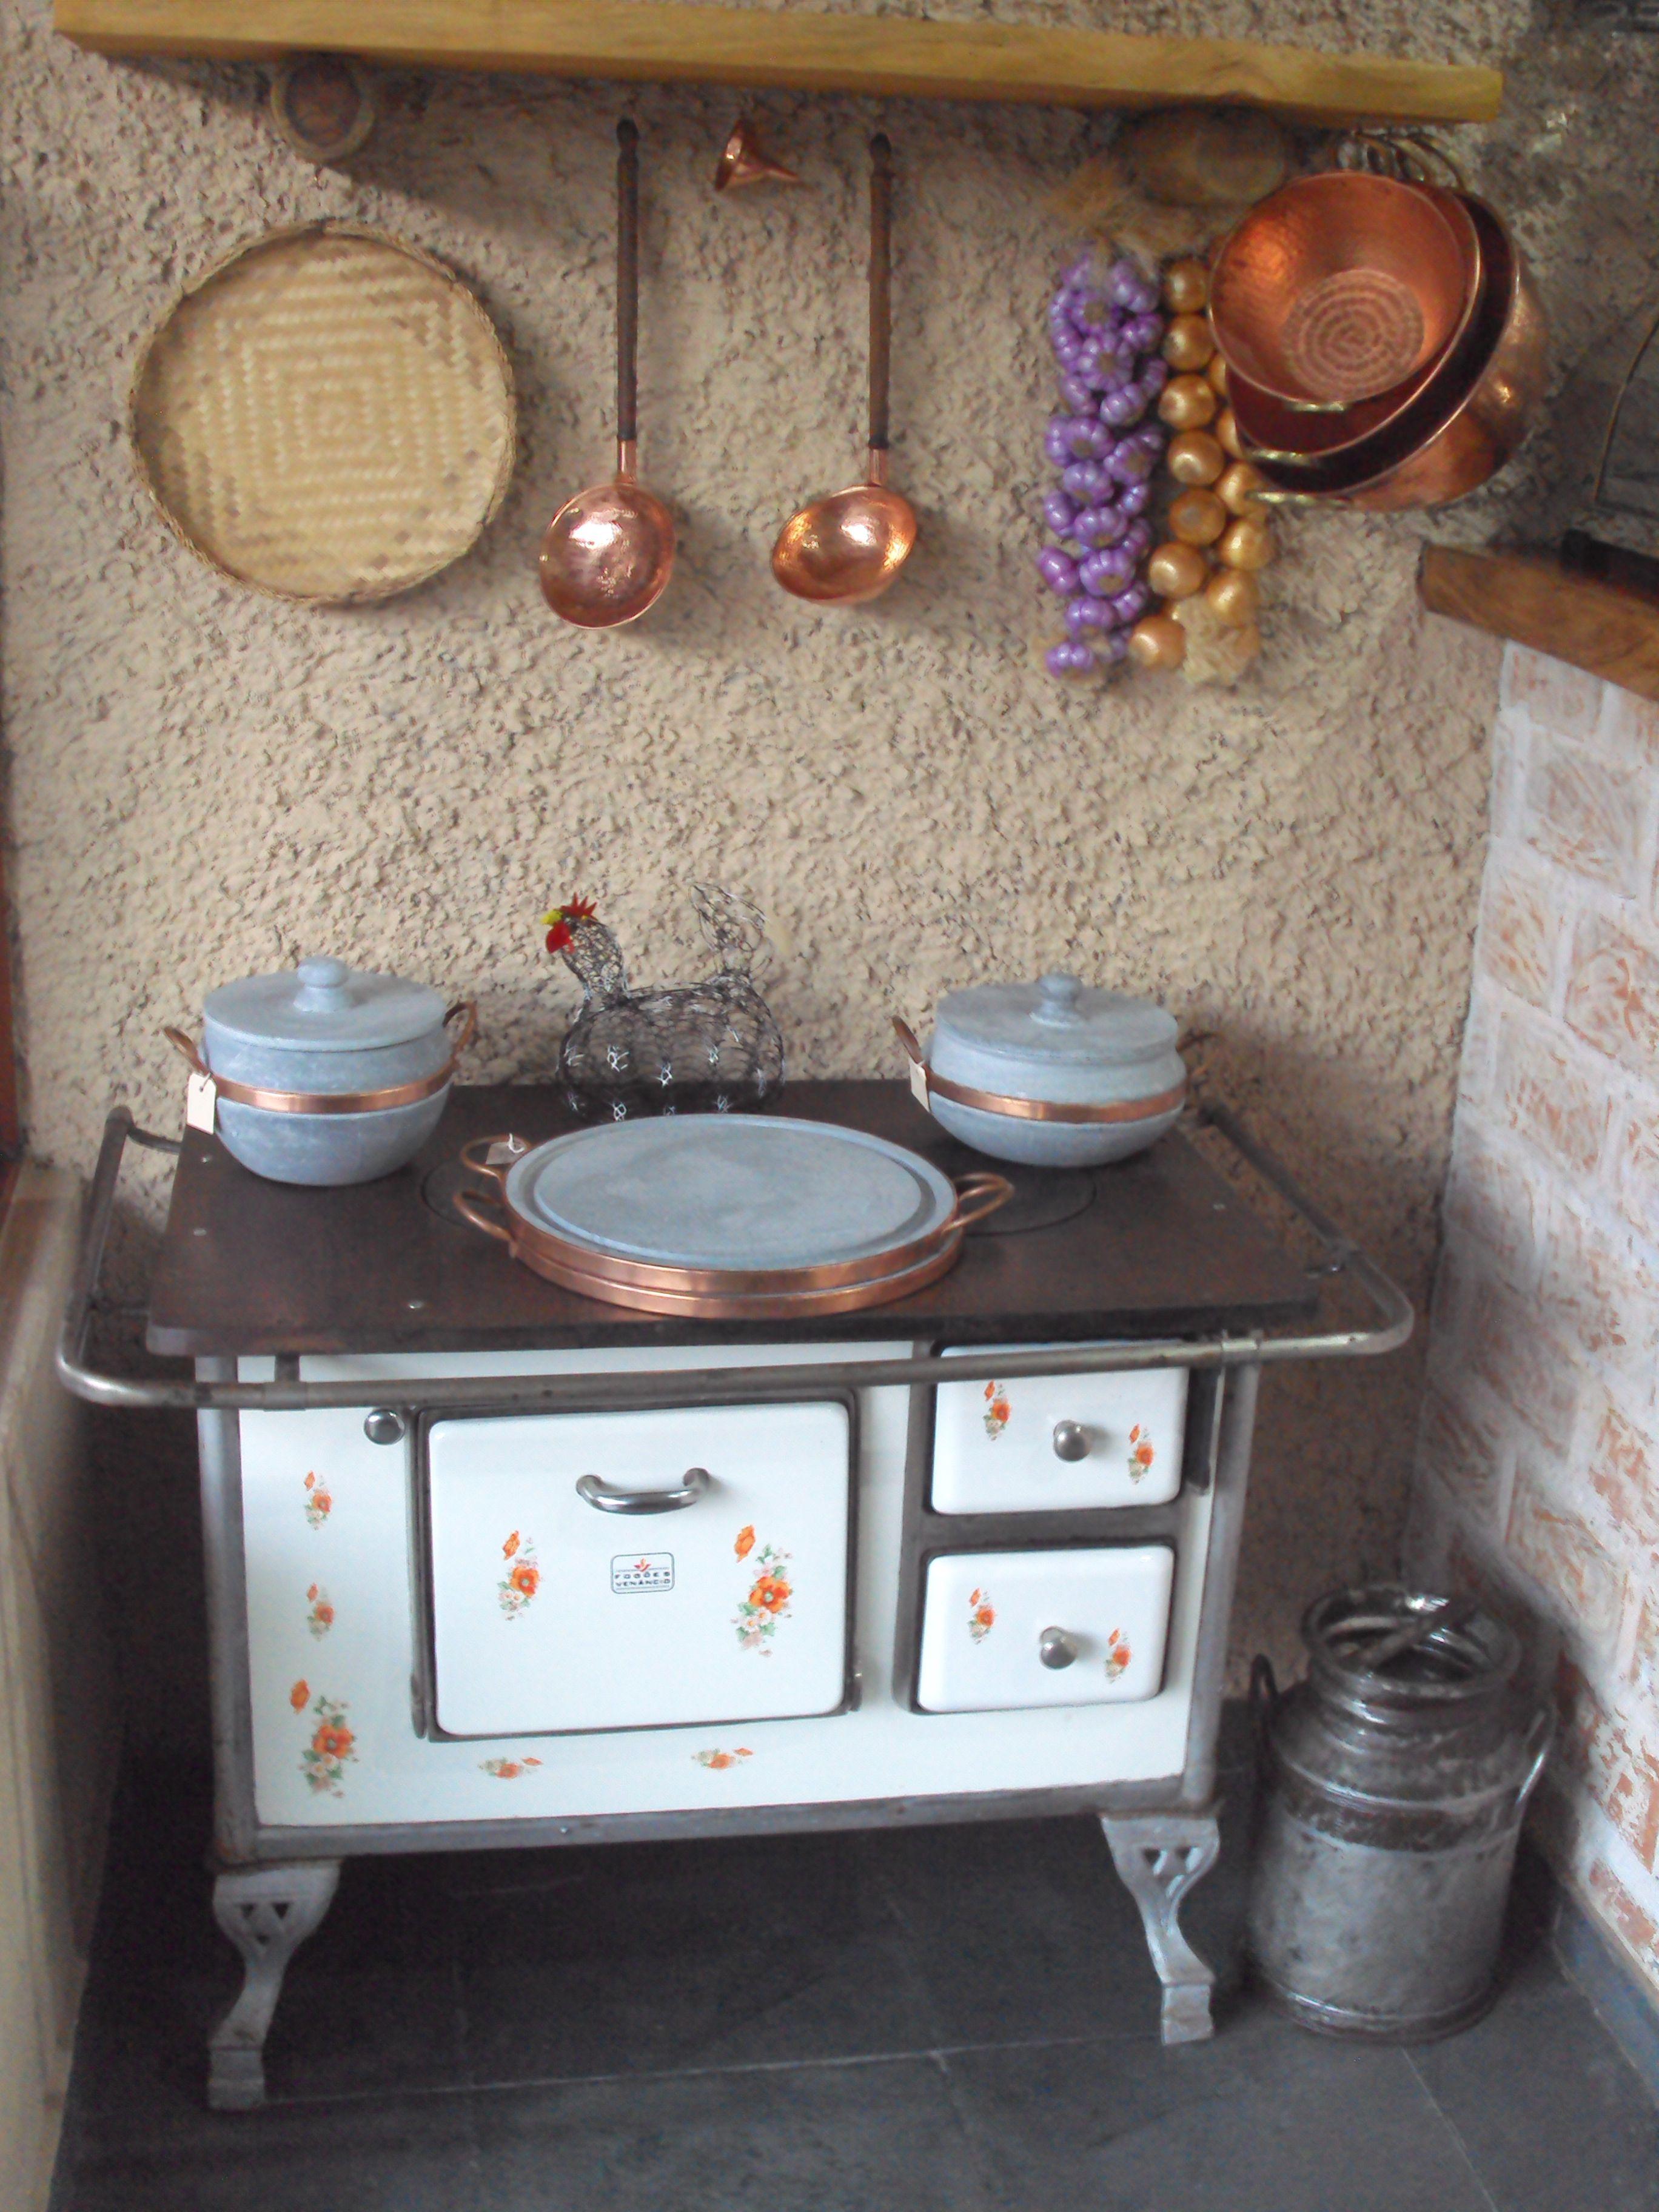 Olha que graça essa decoração do Antiquário Caffé Caldonazzi da cidade de Teresópolis - RJ. Foi produzida com itens bem característicos da fazenda, inclusive com réstias de cebola e de alho artesanal.